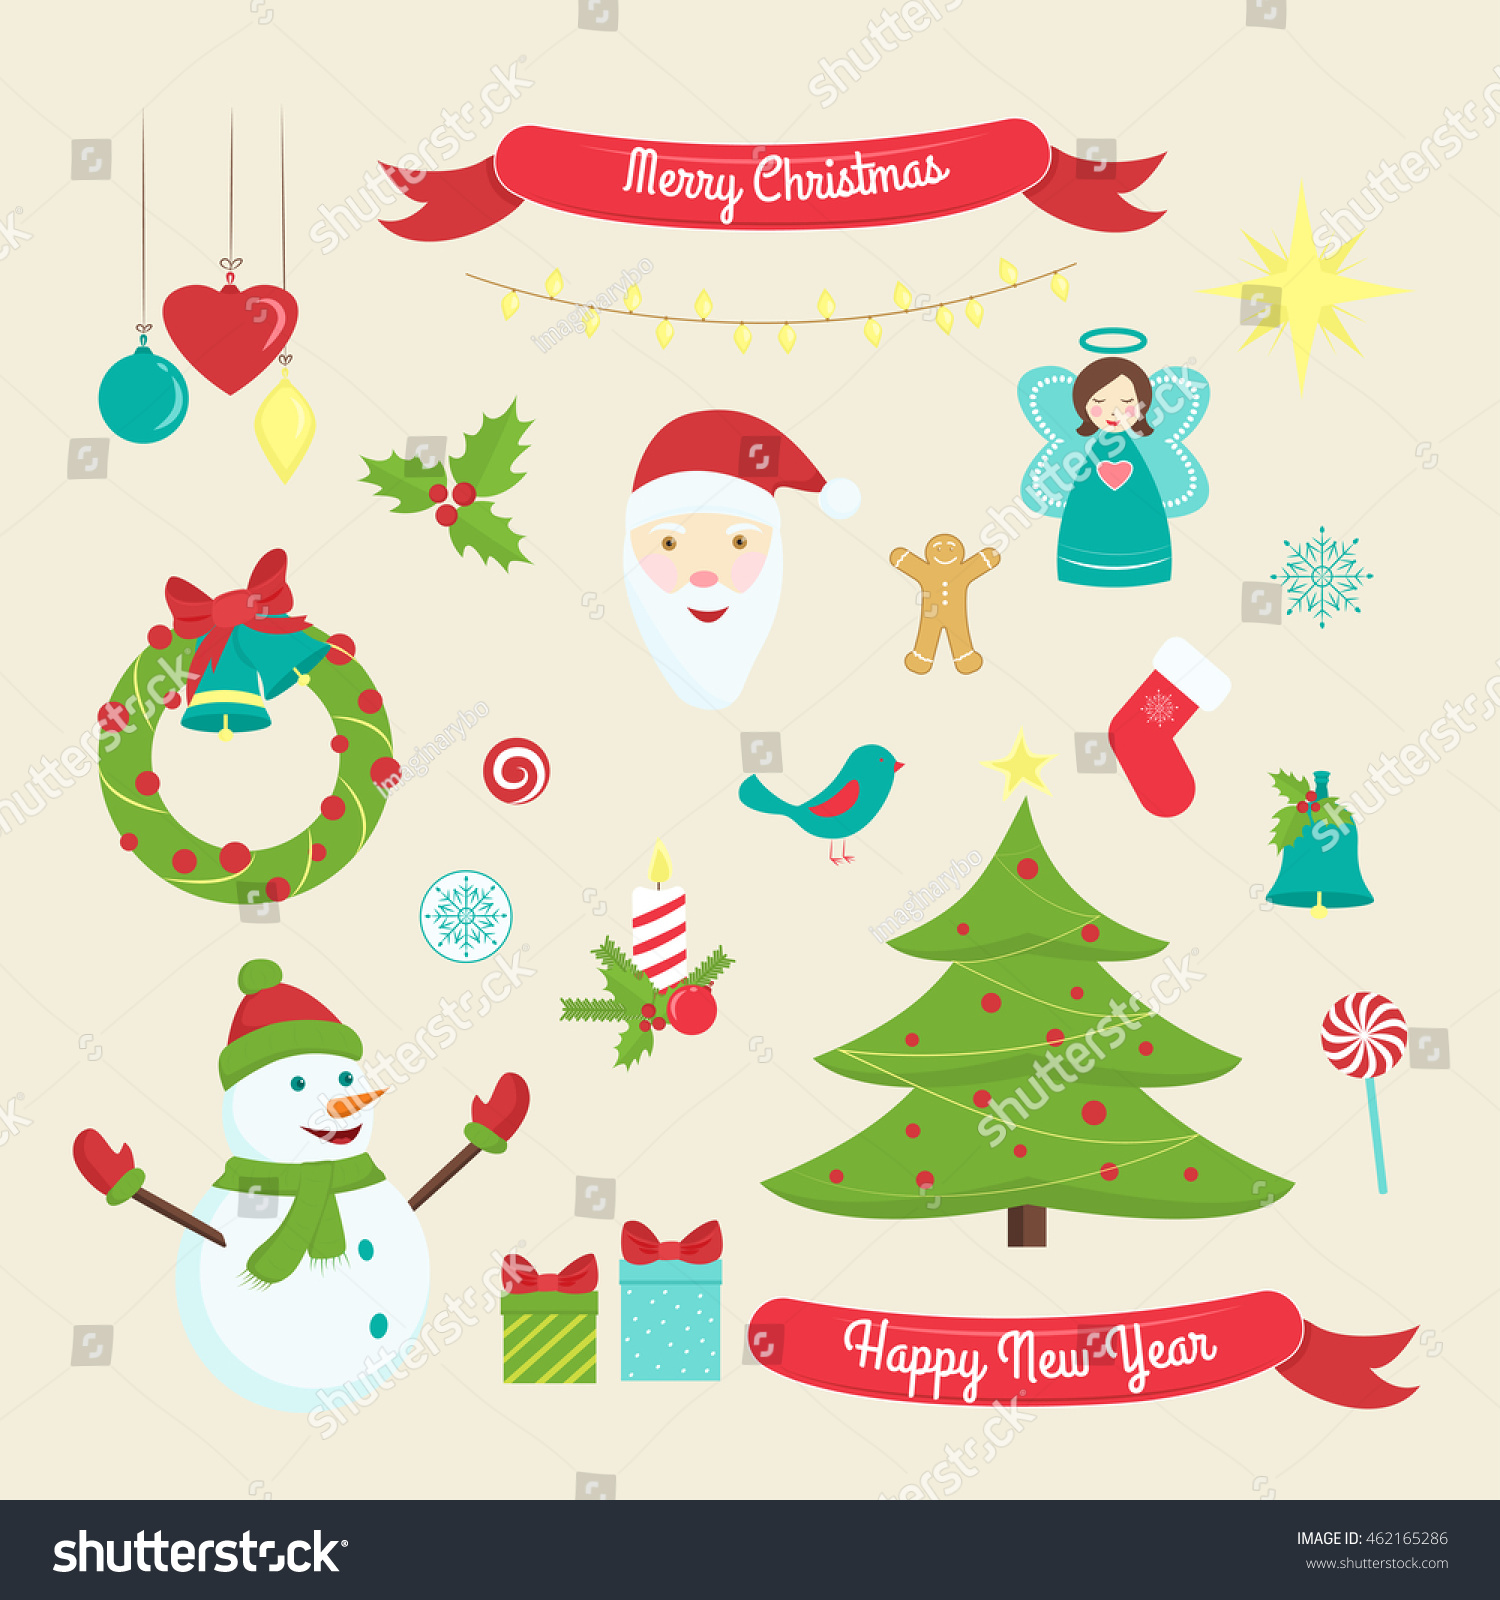 Christmas new year decoration symbols xmas stock vector 462165286 christmas and new year decoration symbols xmas design elements isolated on beige background biocorpaavc